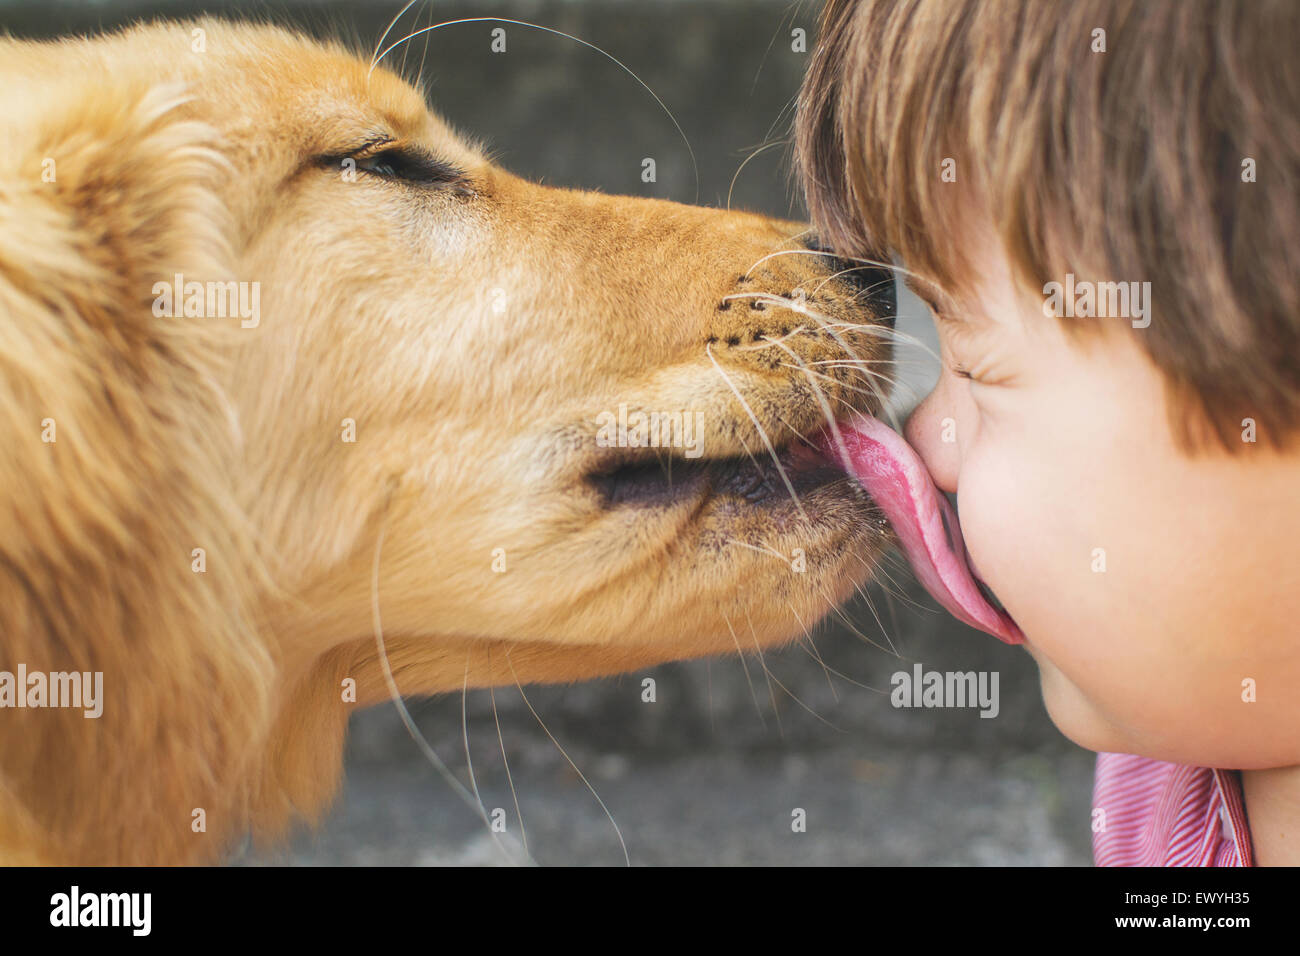 Hund leckt einem jungen Gesicht Stockbild